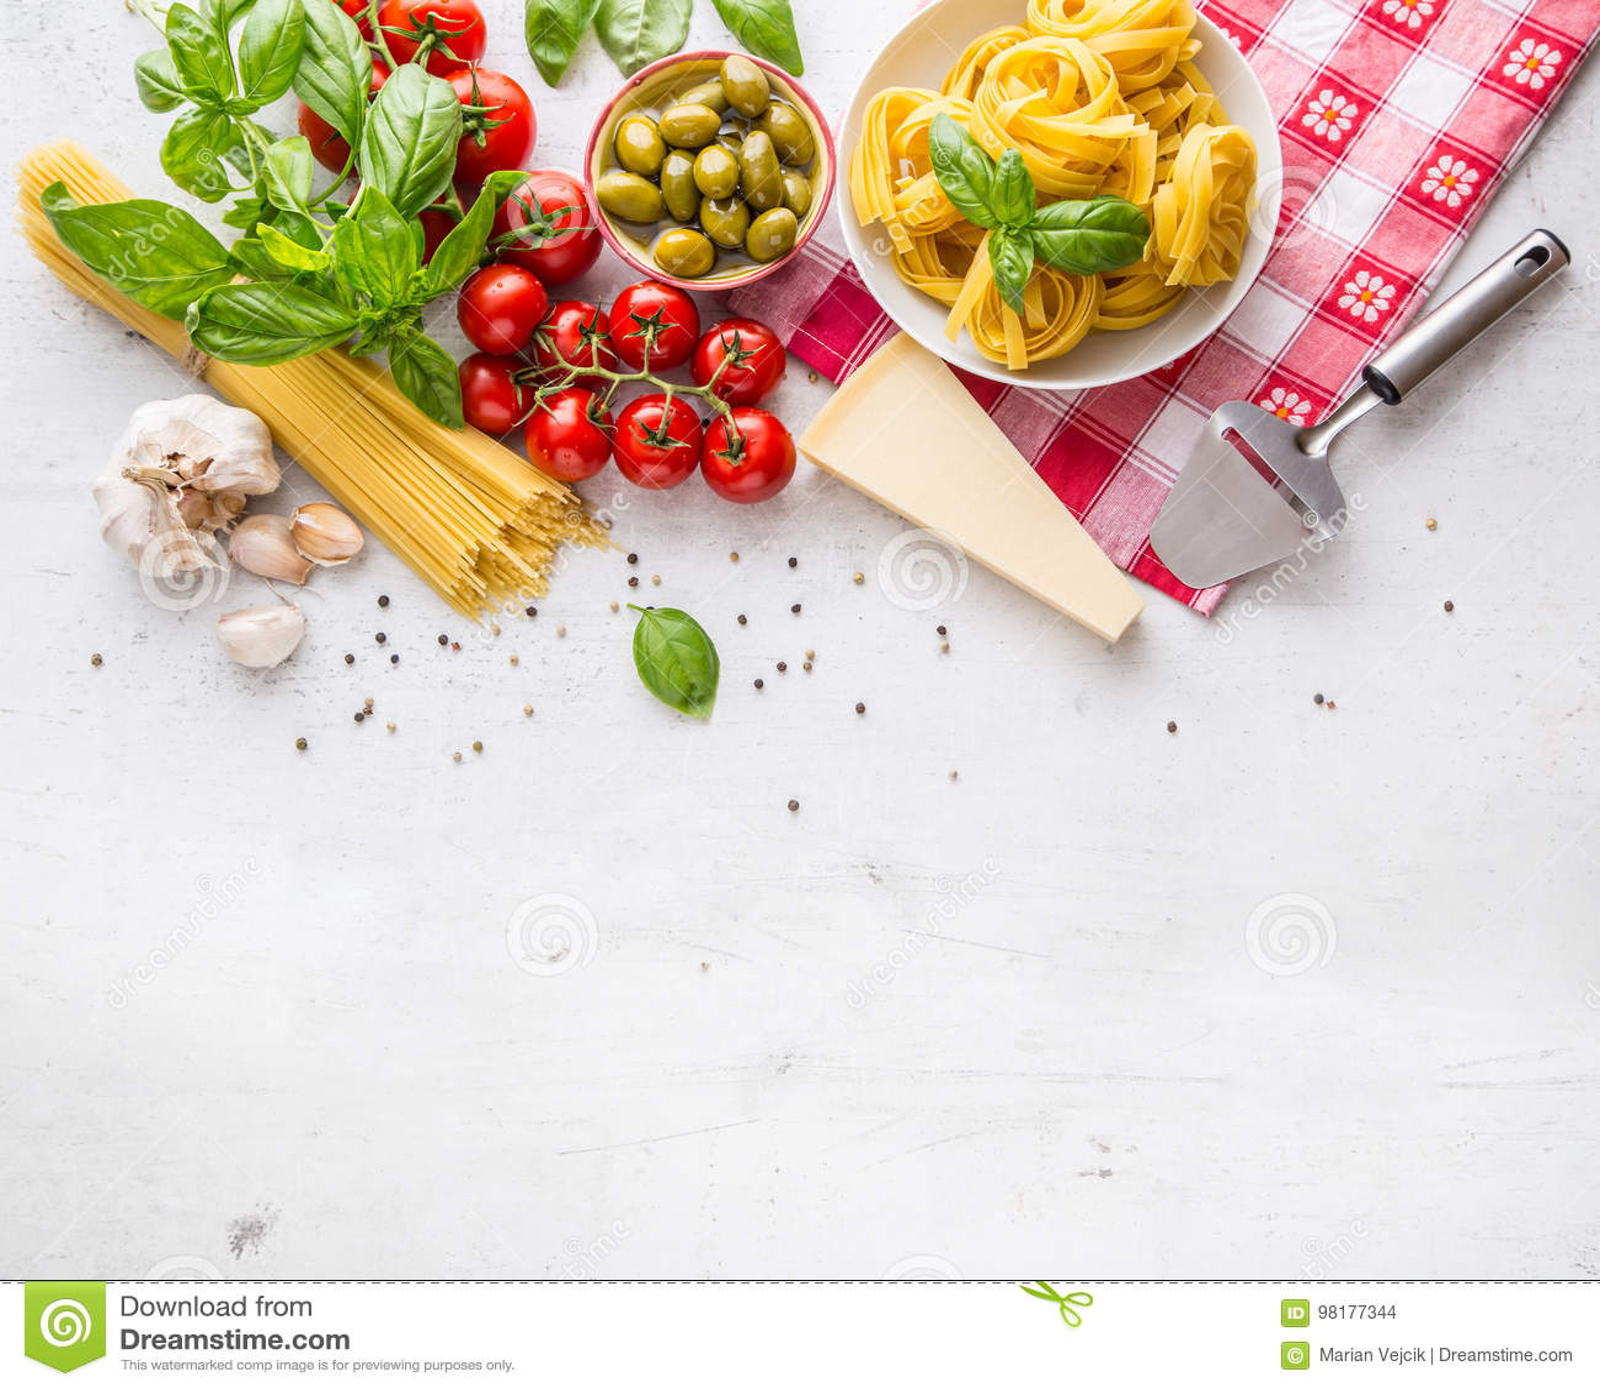 意大利食物烹调和成份在白色具体桌上 意粉Tagliatelle橄榄橄榄油蕃茄帕尔马干酪